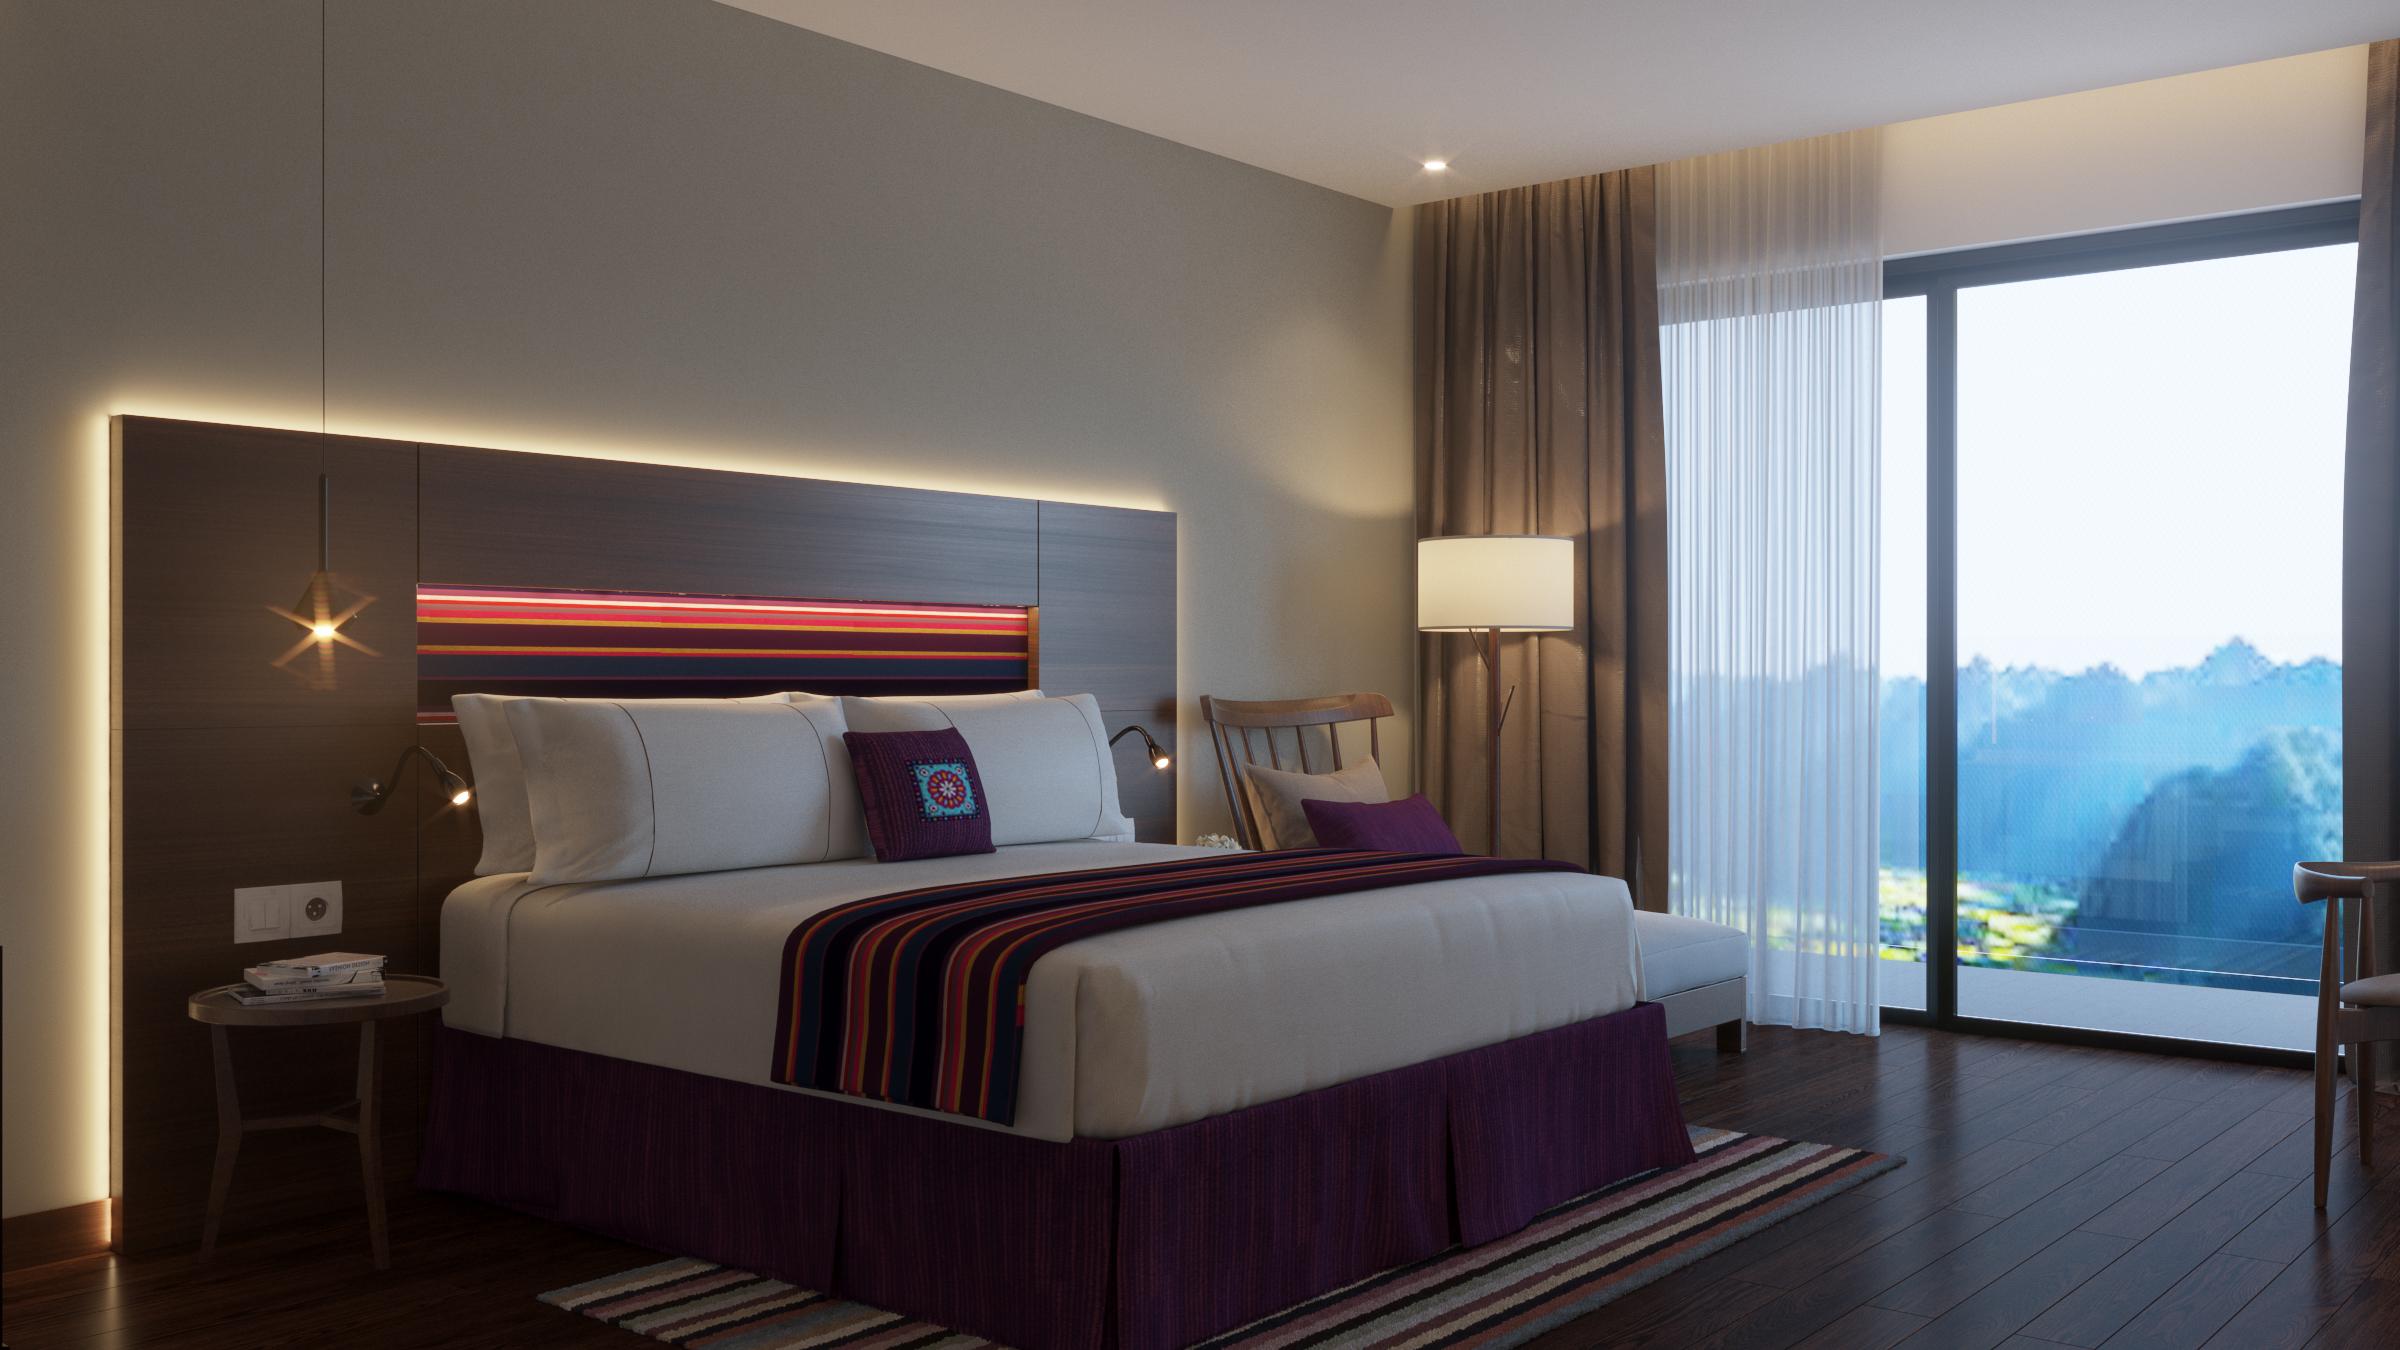 thiết kế nội thất Resort tại Lào Cai Concept khách sạn Sapa 6 1531903080